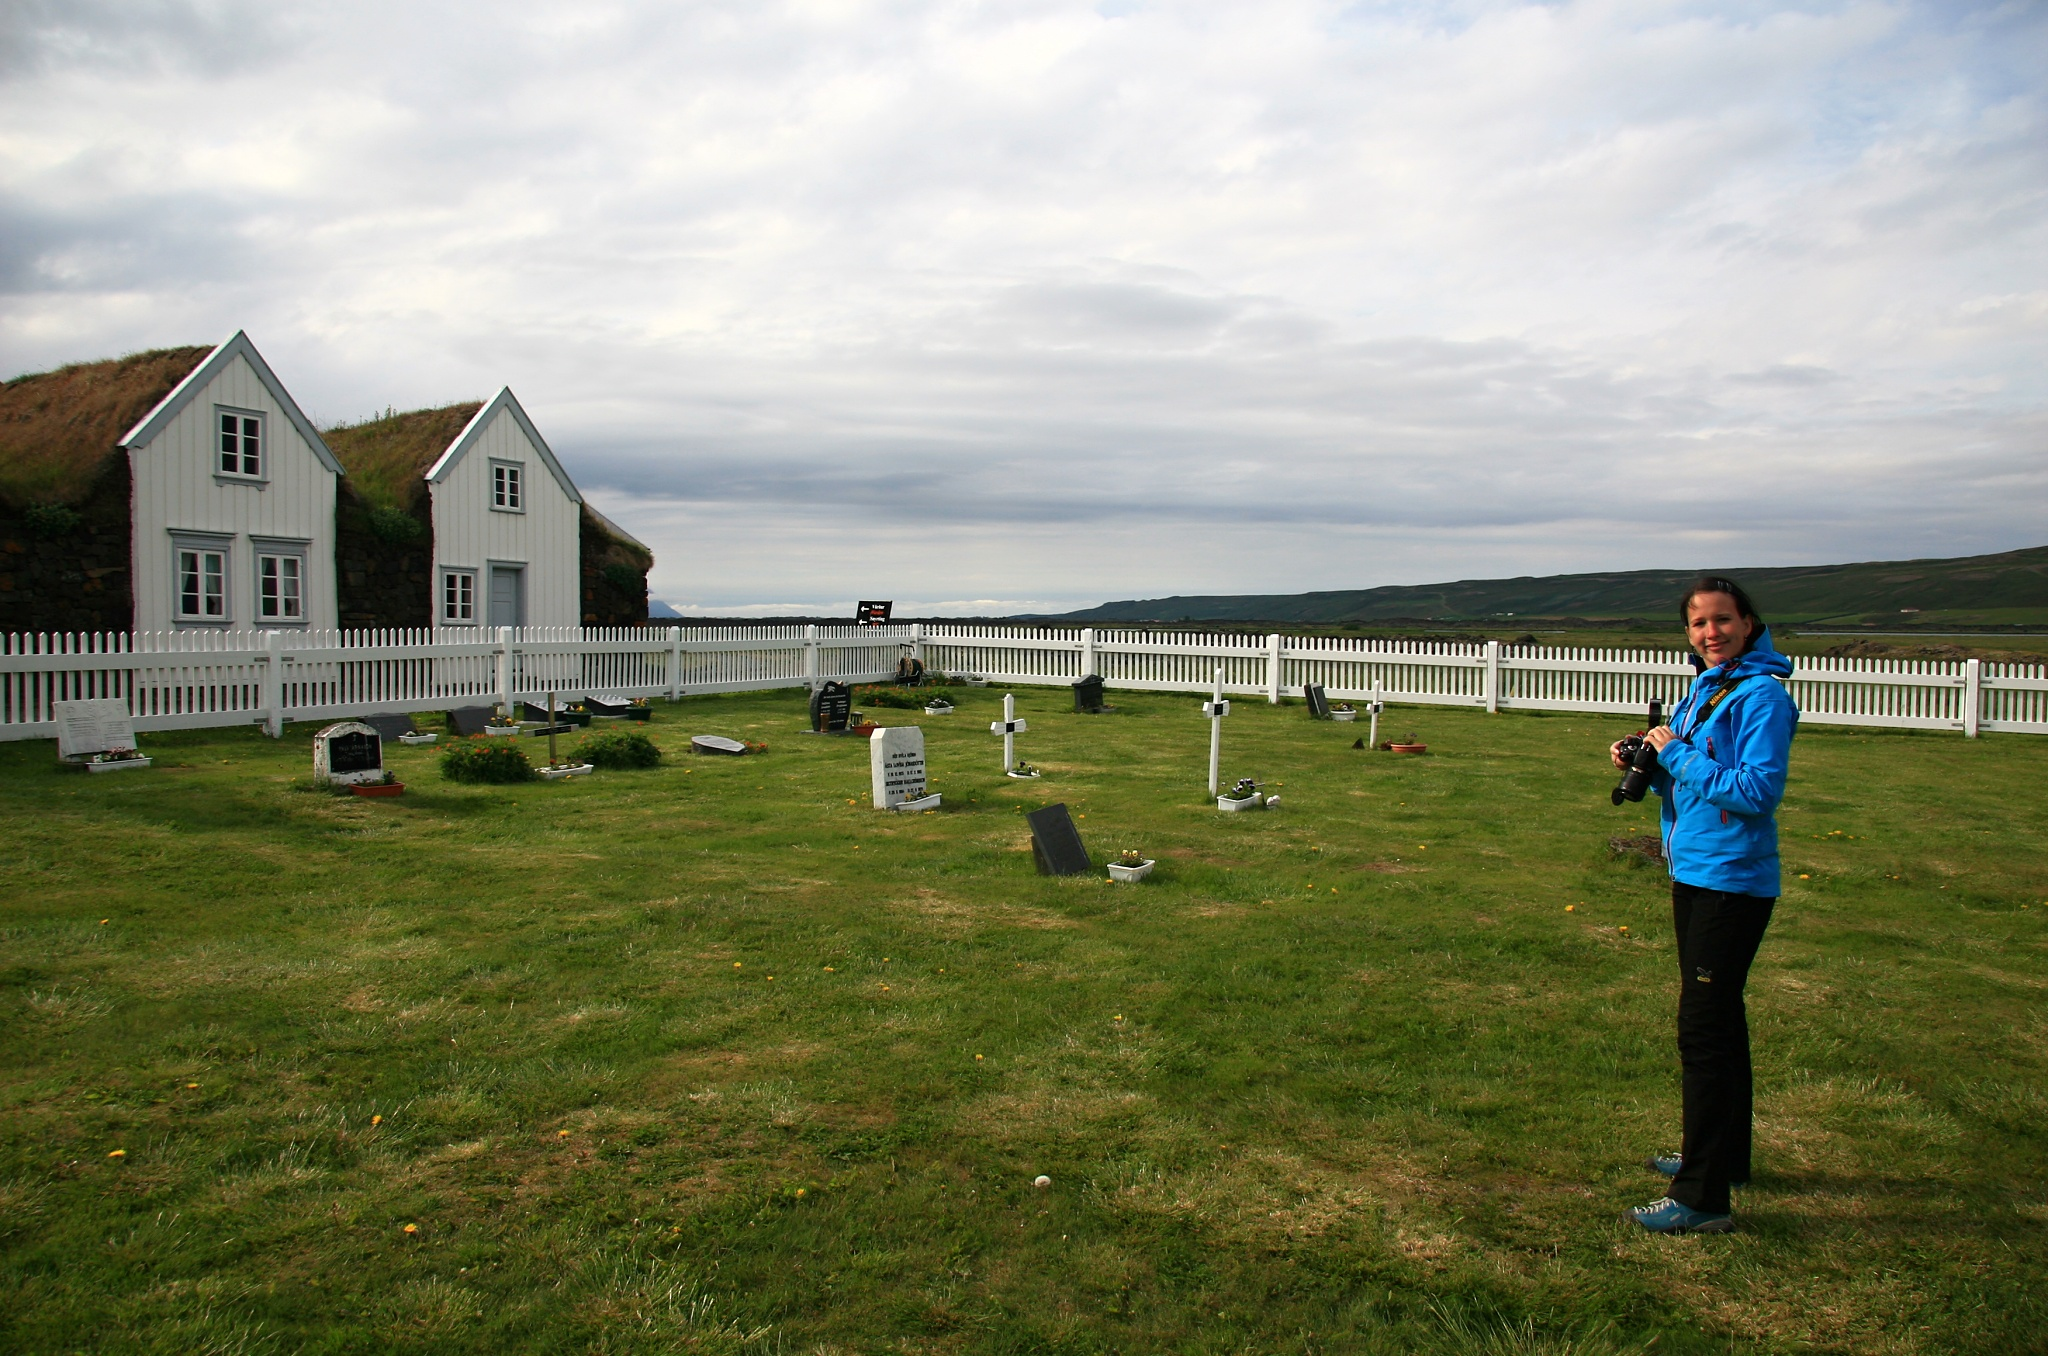 Hřbitov u kostela v Granjaðarstaðuru